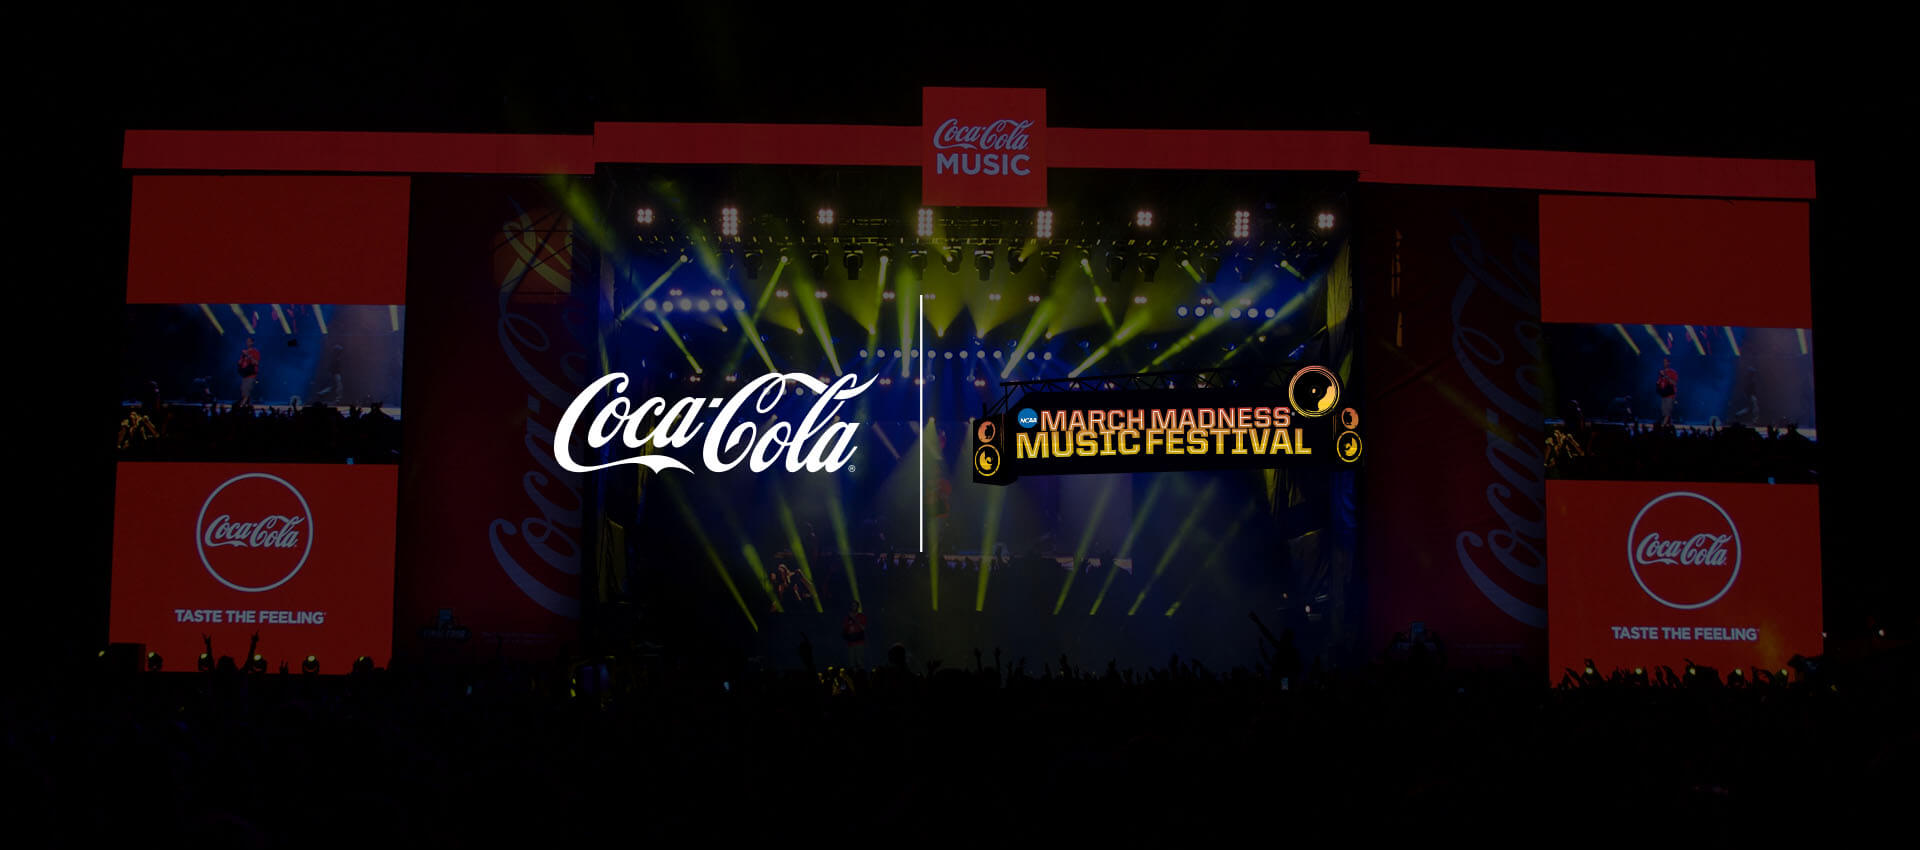 ae6f717e Coca-Cola: March Madness Music Festival - MELT Atlanta